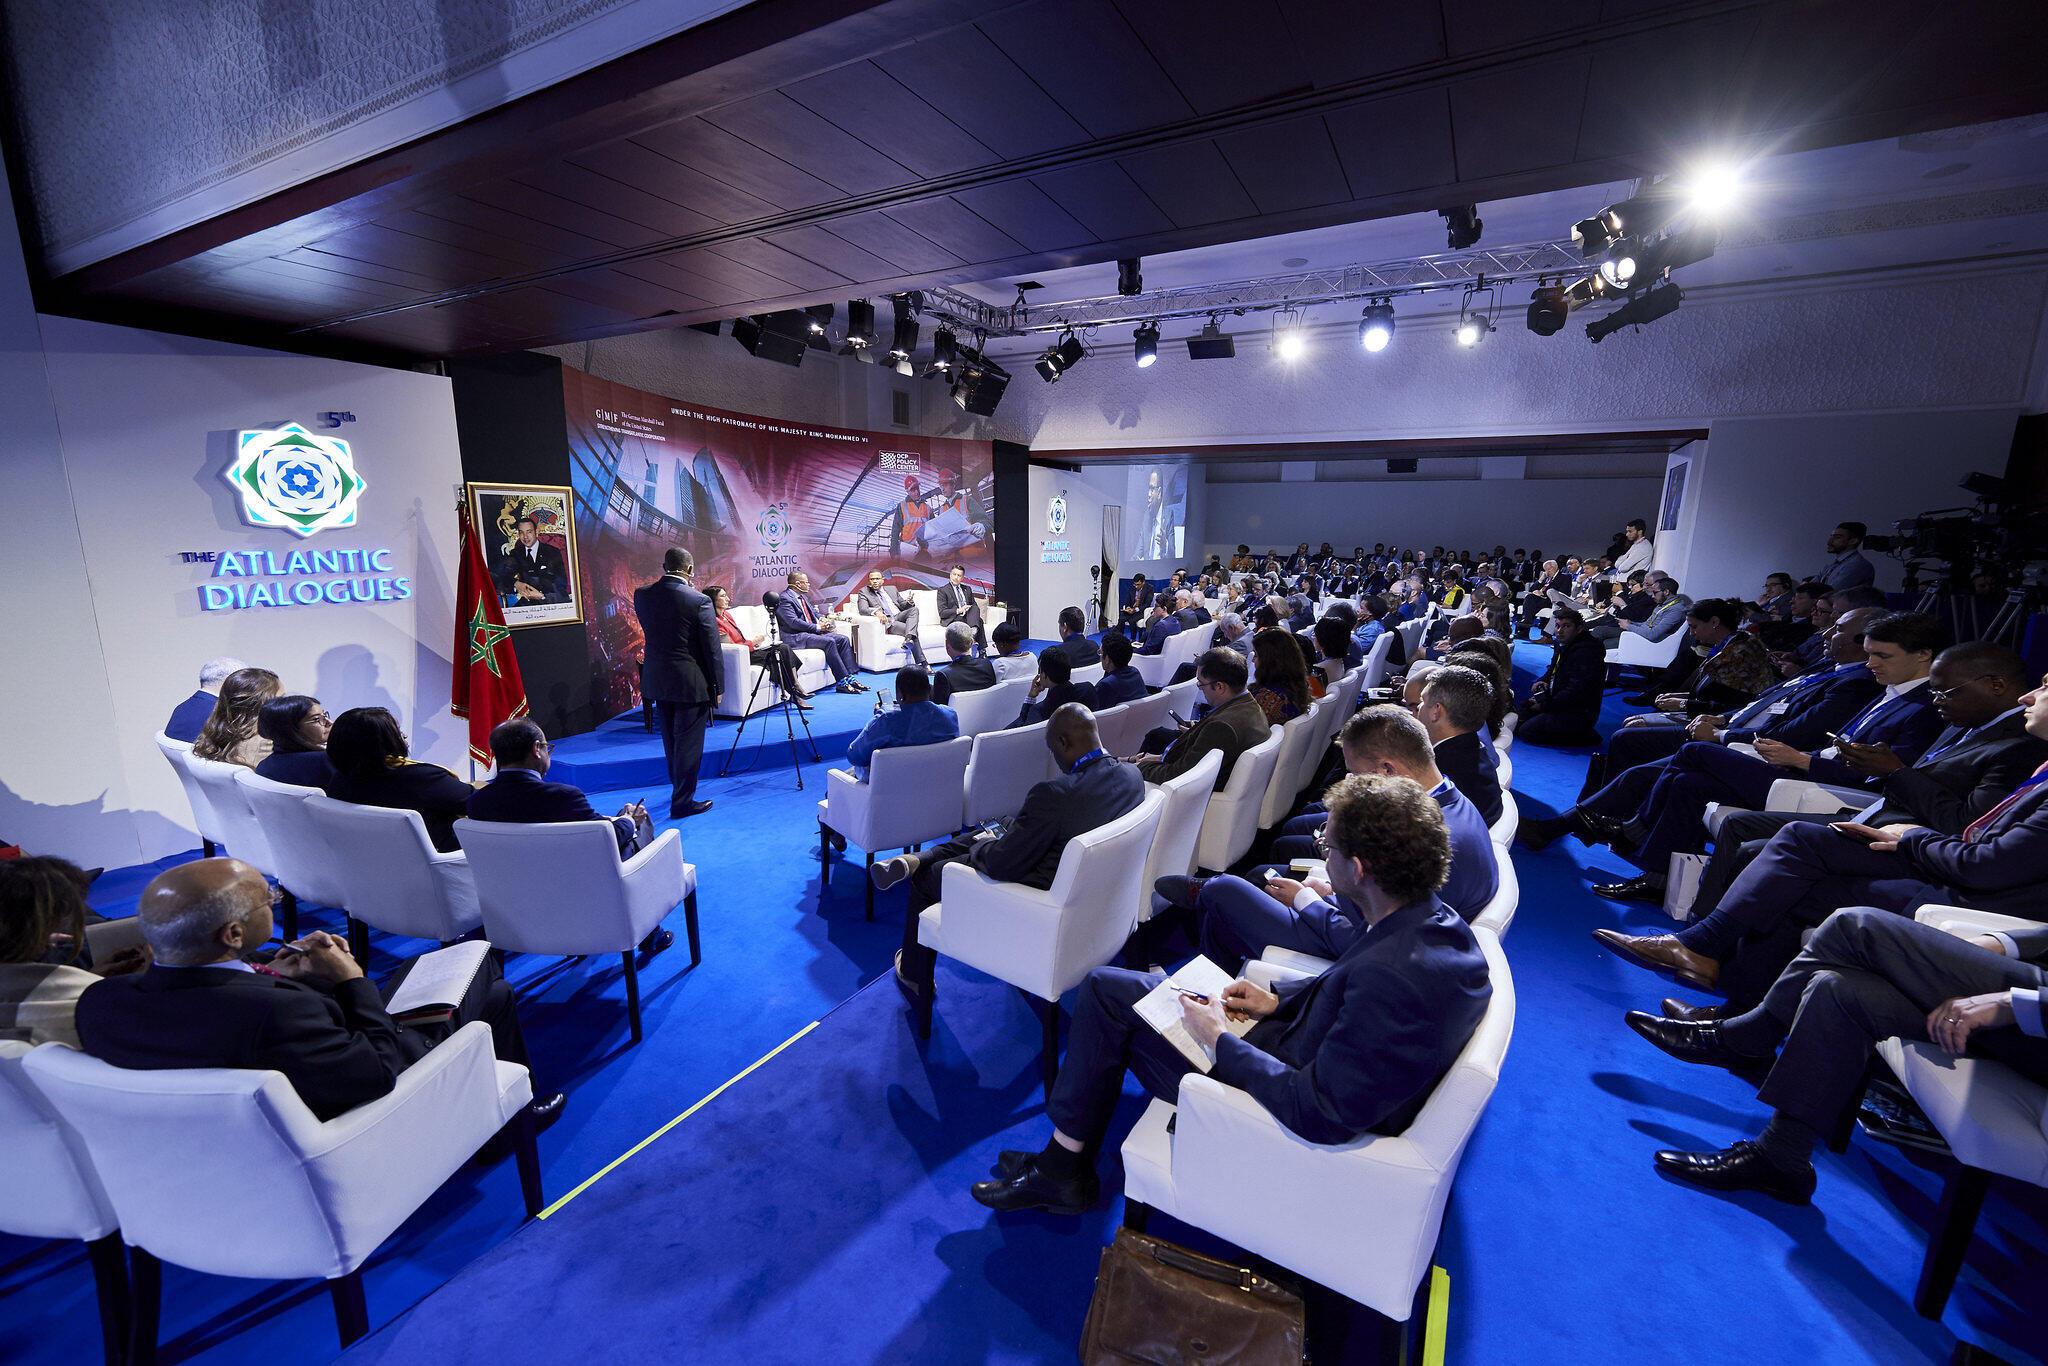 Une séance de l'édition 2016 de la conférence «Atlantic Dialogues» à Marrakech.